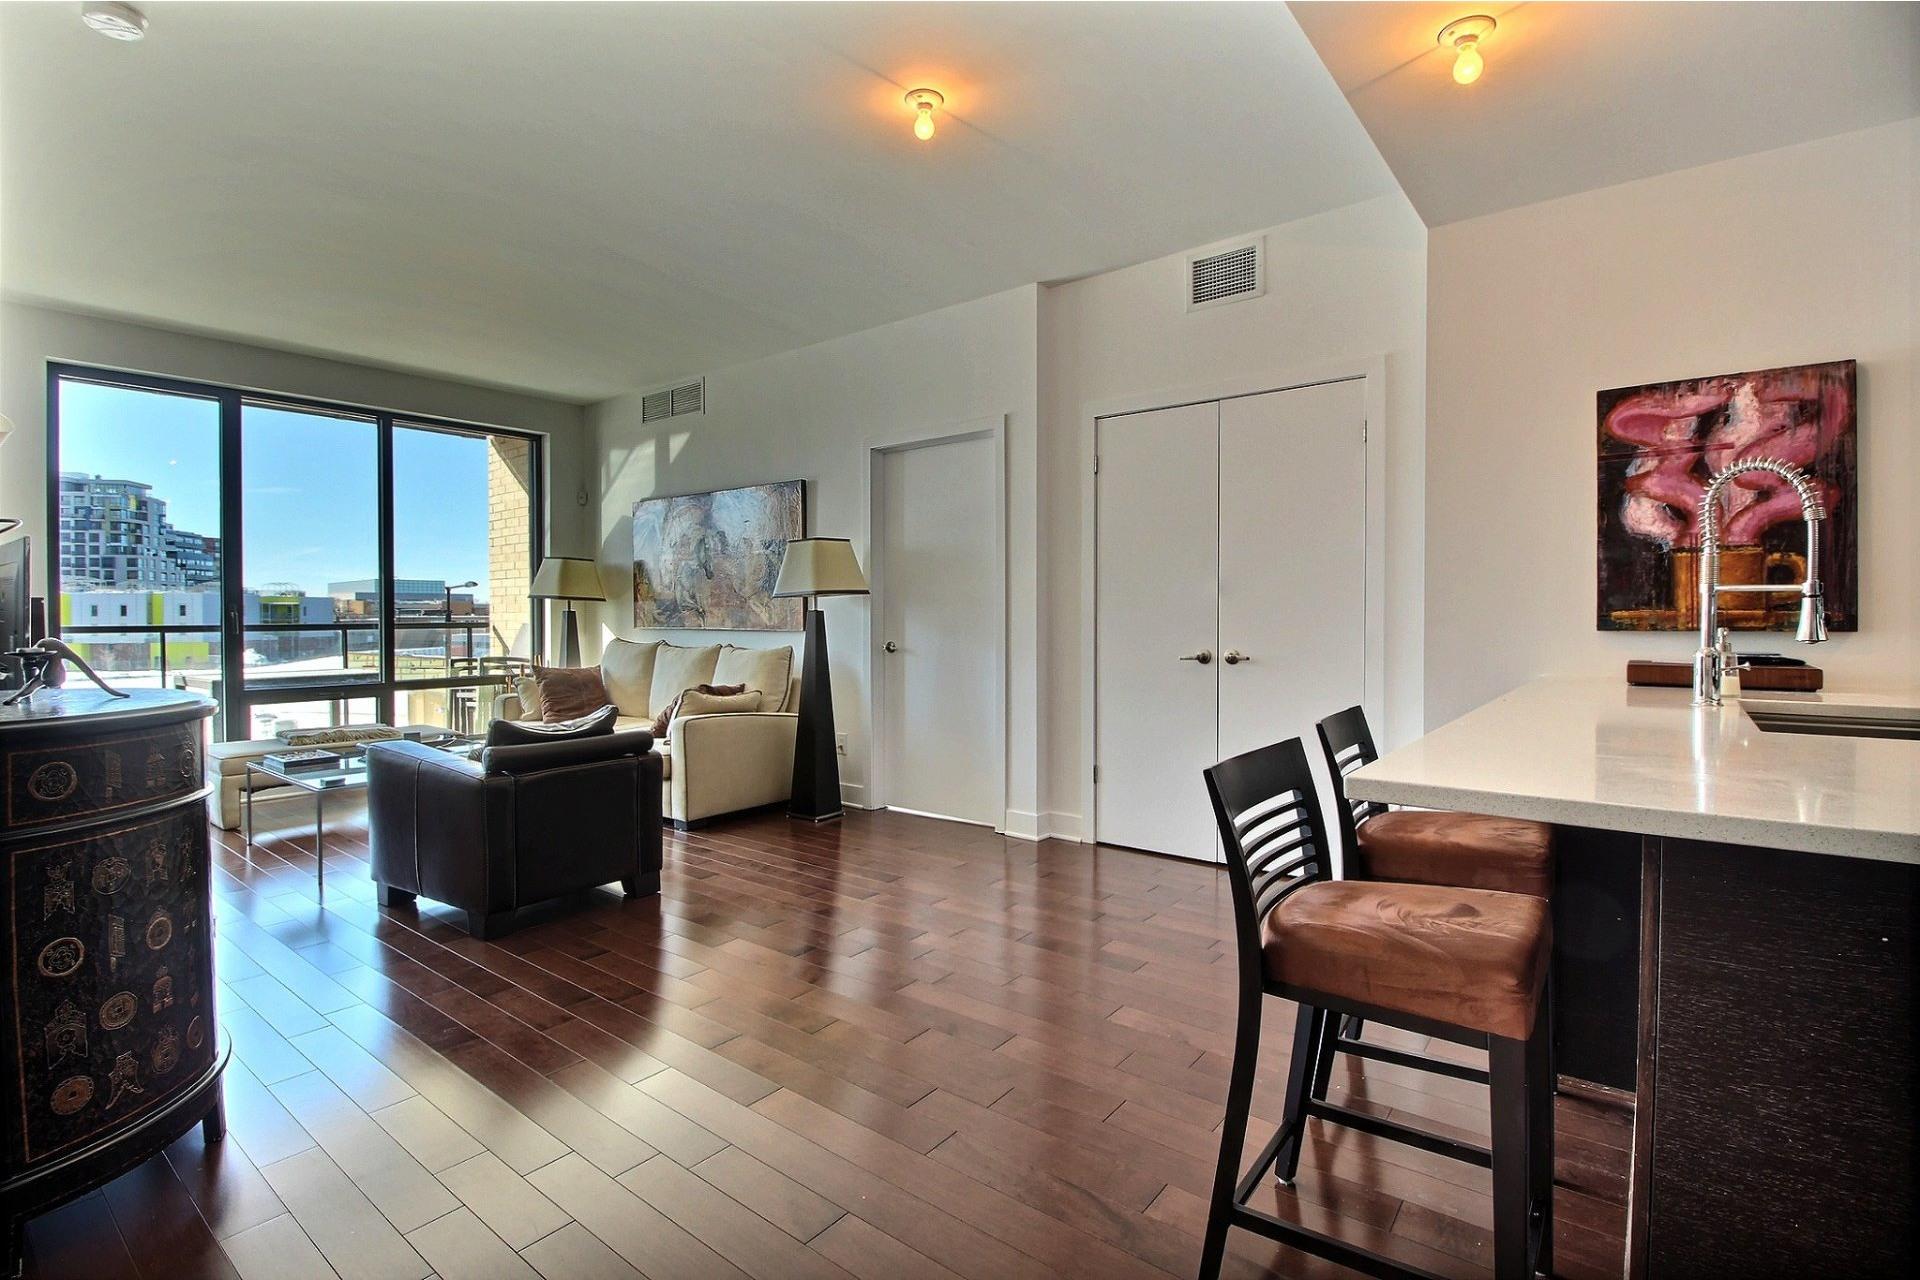 image 11 - Apartment For rent Côte-des-Neiges/Notre-Dame-de-Grâce Montréal  - 4 rooms